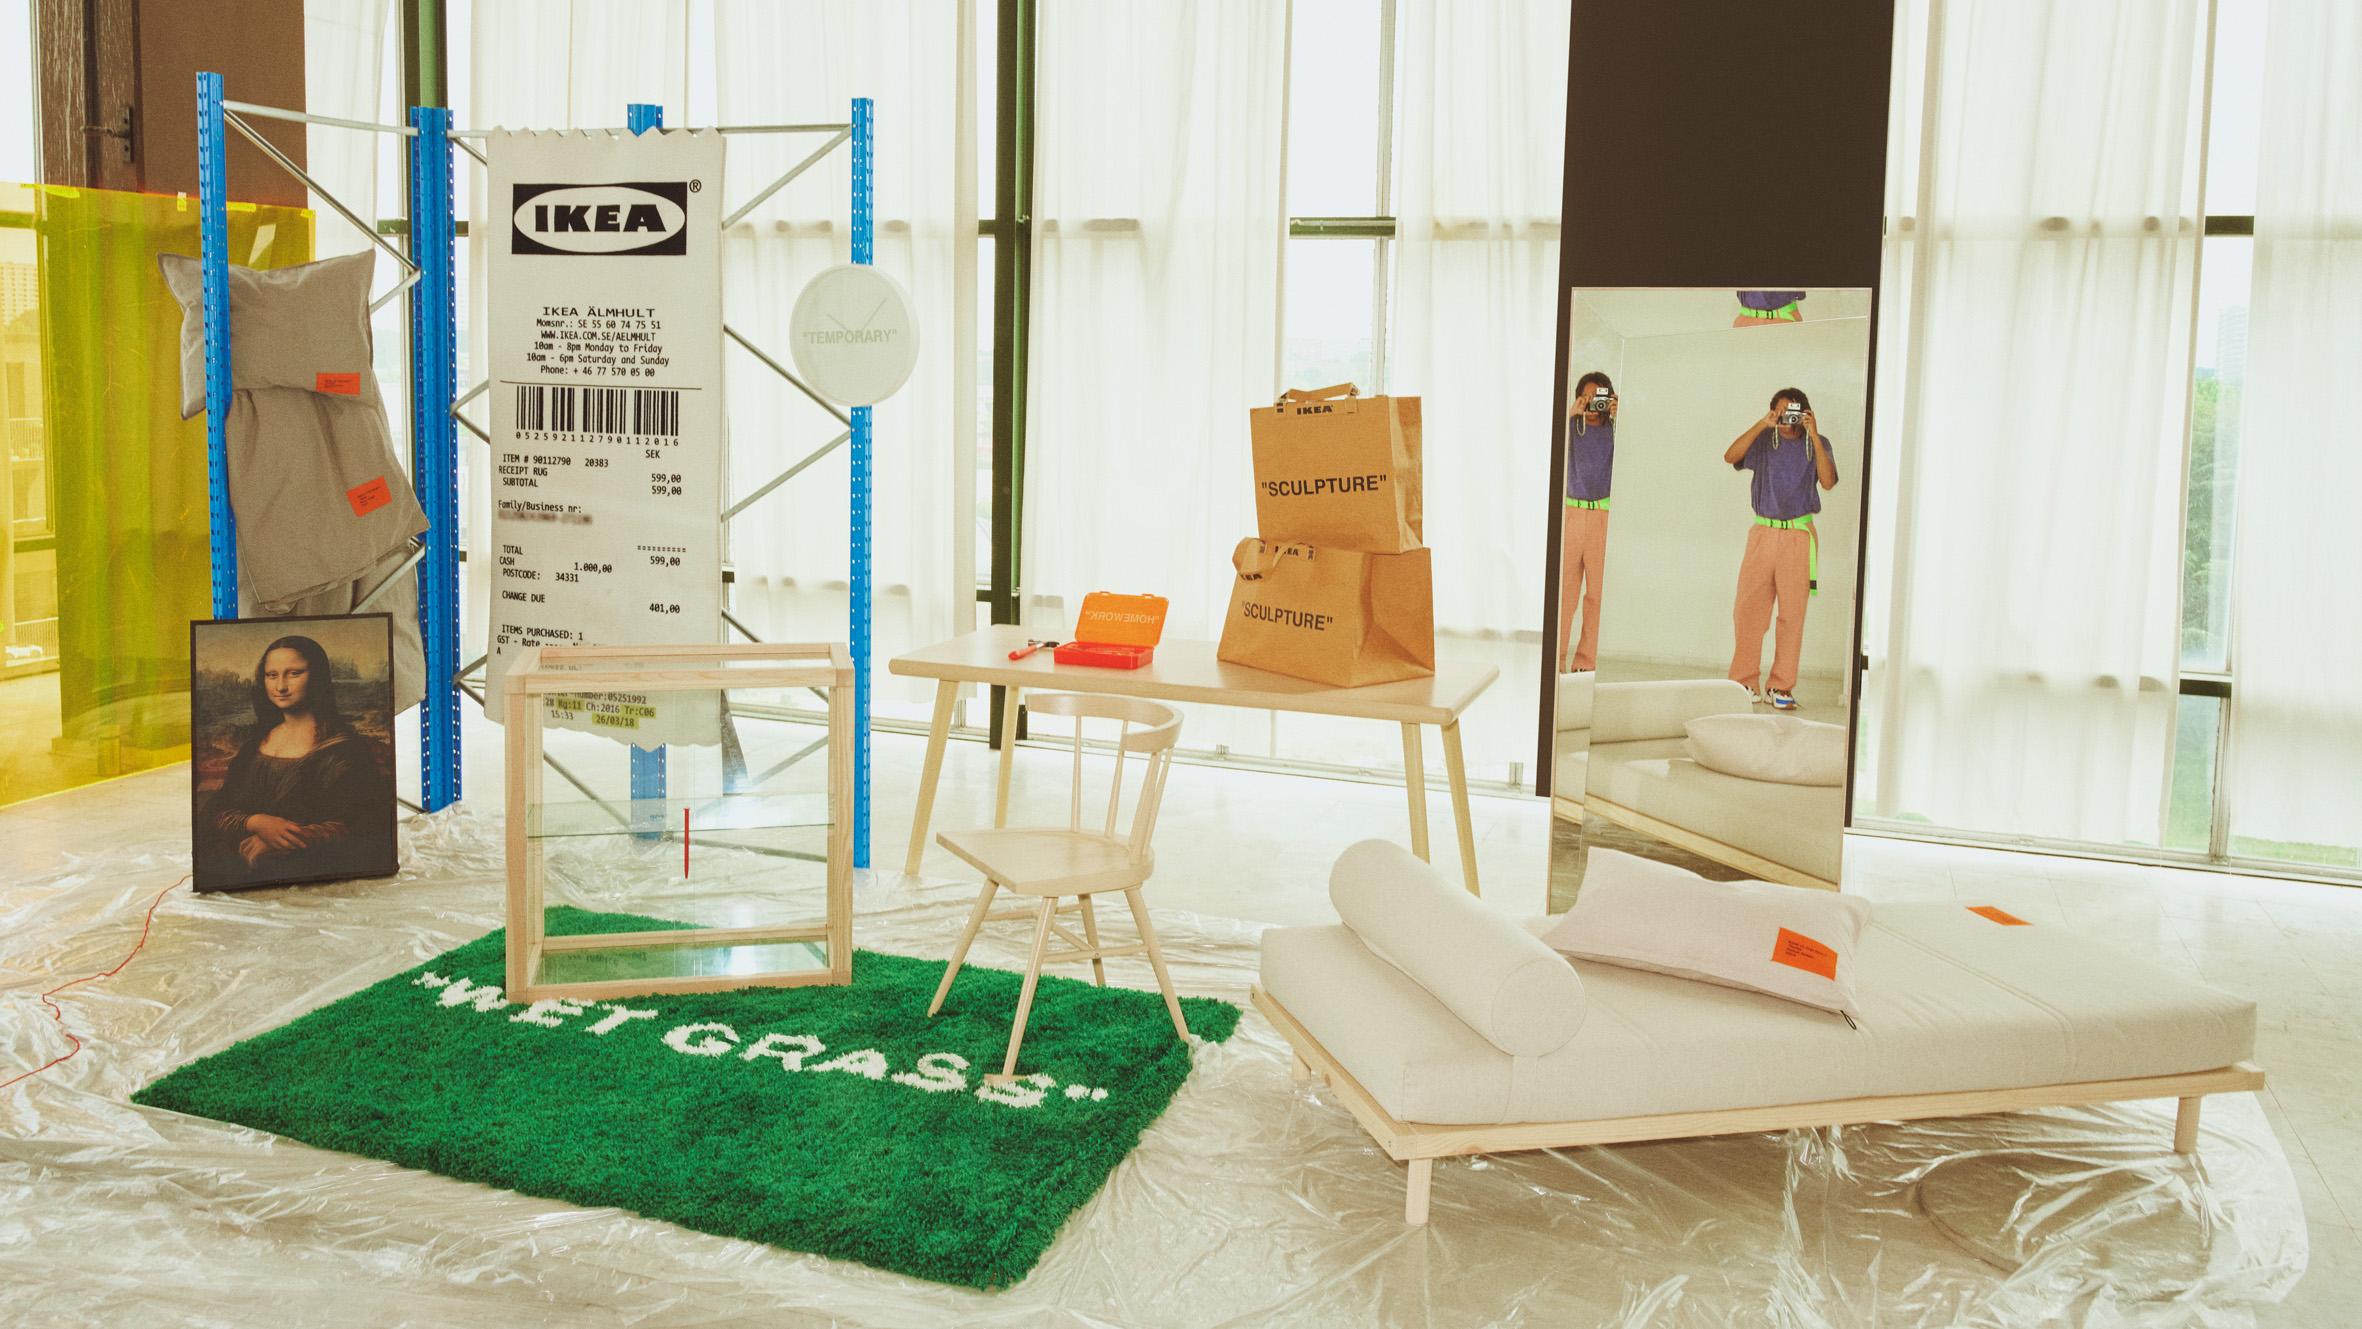 Full Size of Weber Grill Tisch Ikea Beistelltisch Aktuellen Austria Pressroom Betten Bei Sofa Mit Schlaffunktion Küche Kosten 160x200 Modulküche Miniküche Grillplatte Wohnzimmer Grill Beistelltisch Ikea